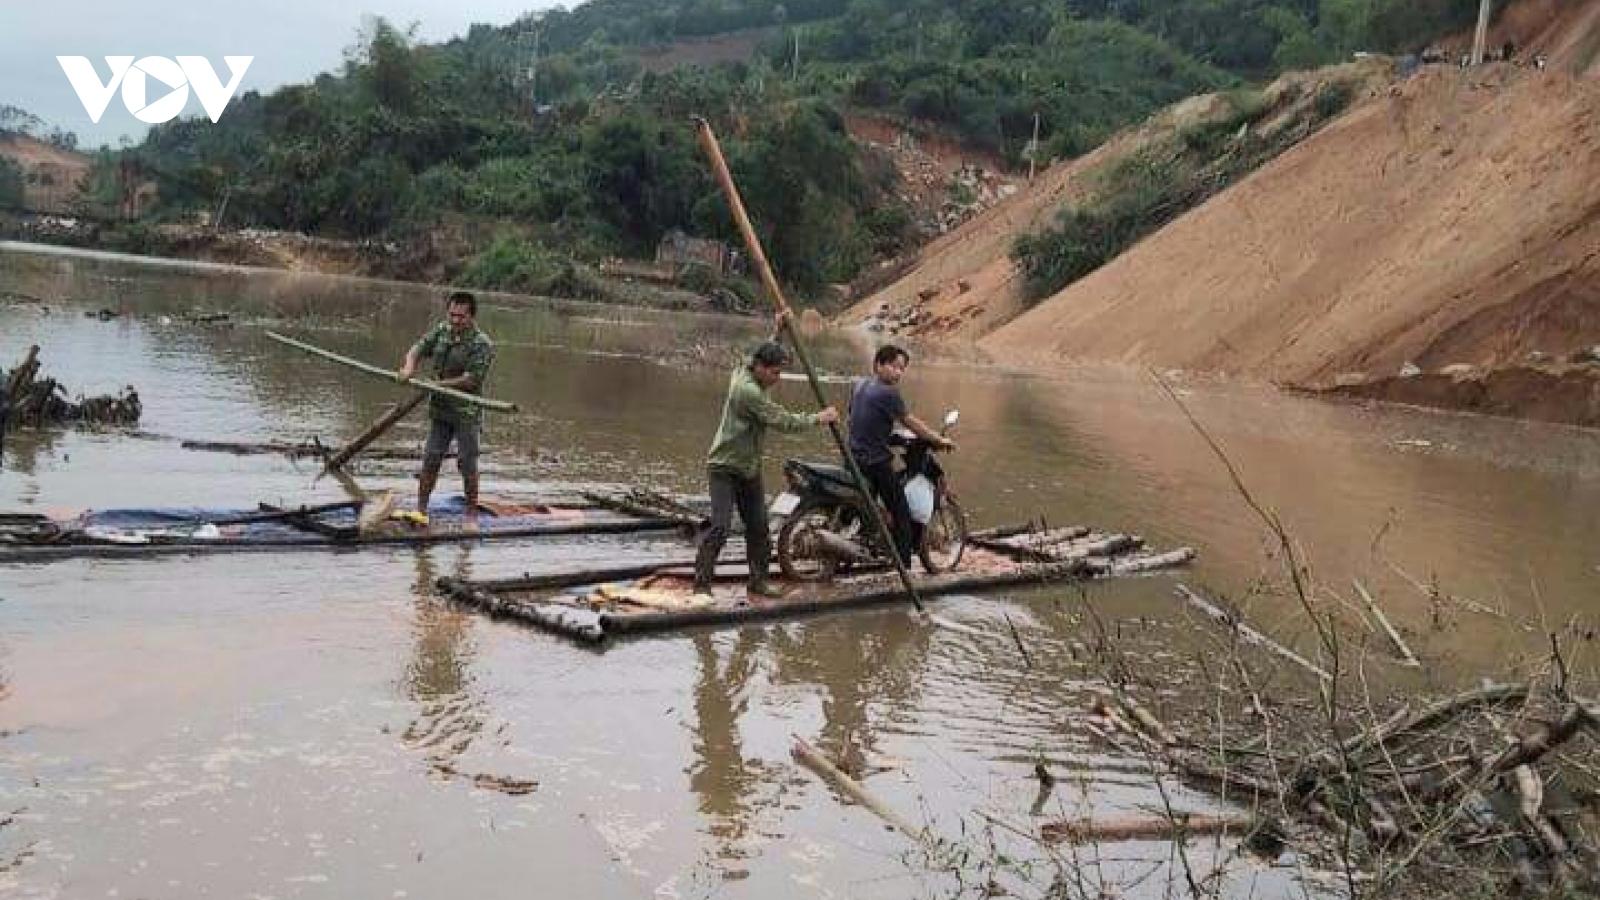 Hồ thủy lợi tích nước, hàng chục hộ dân phải dùng bè mảng đi lại